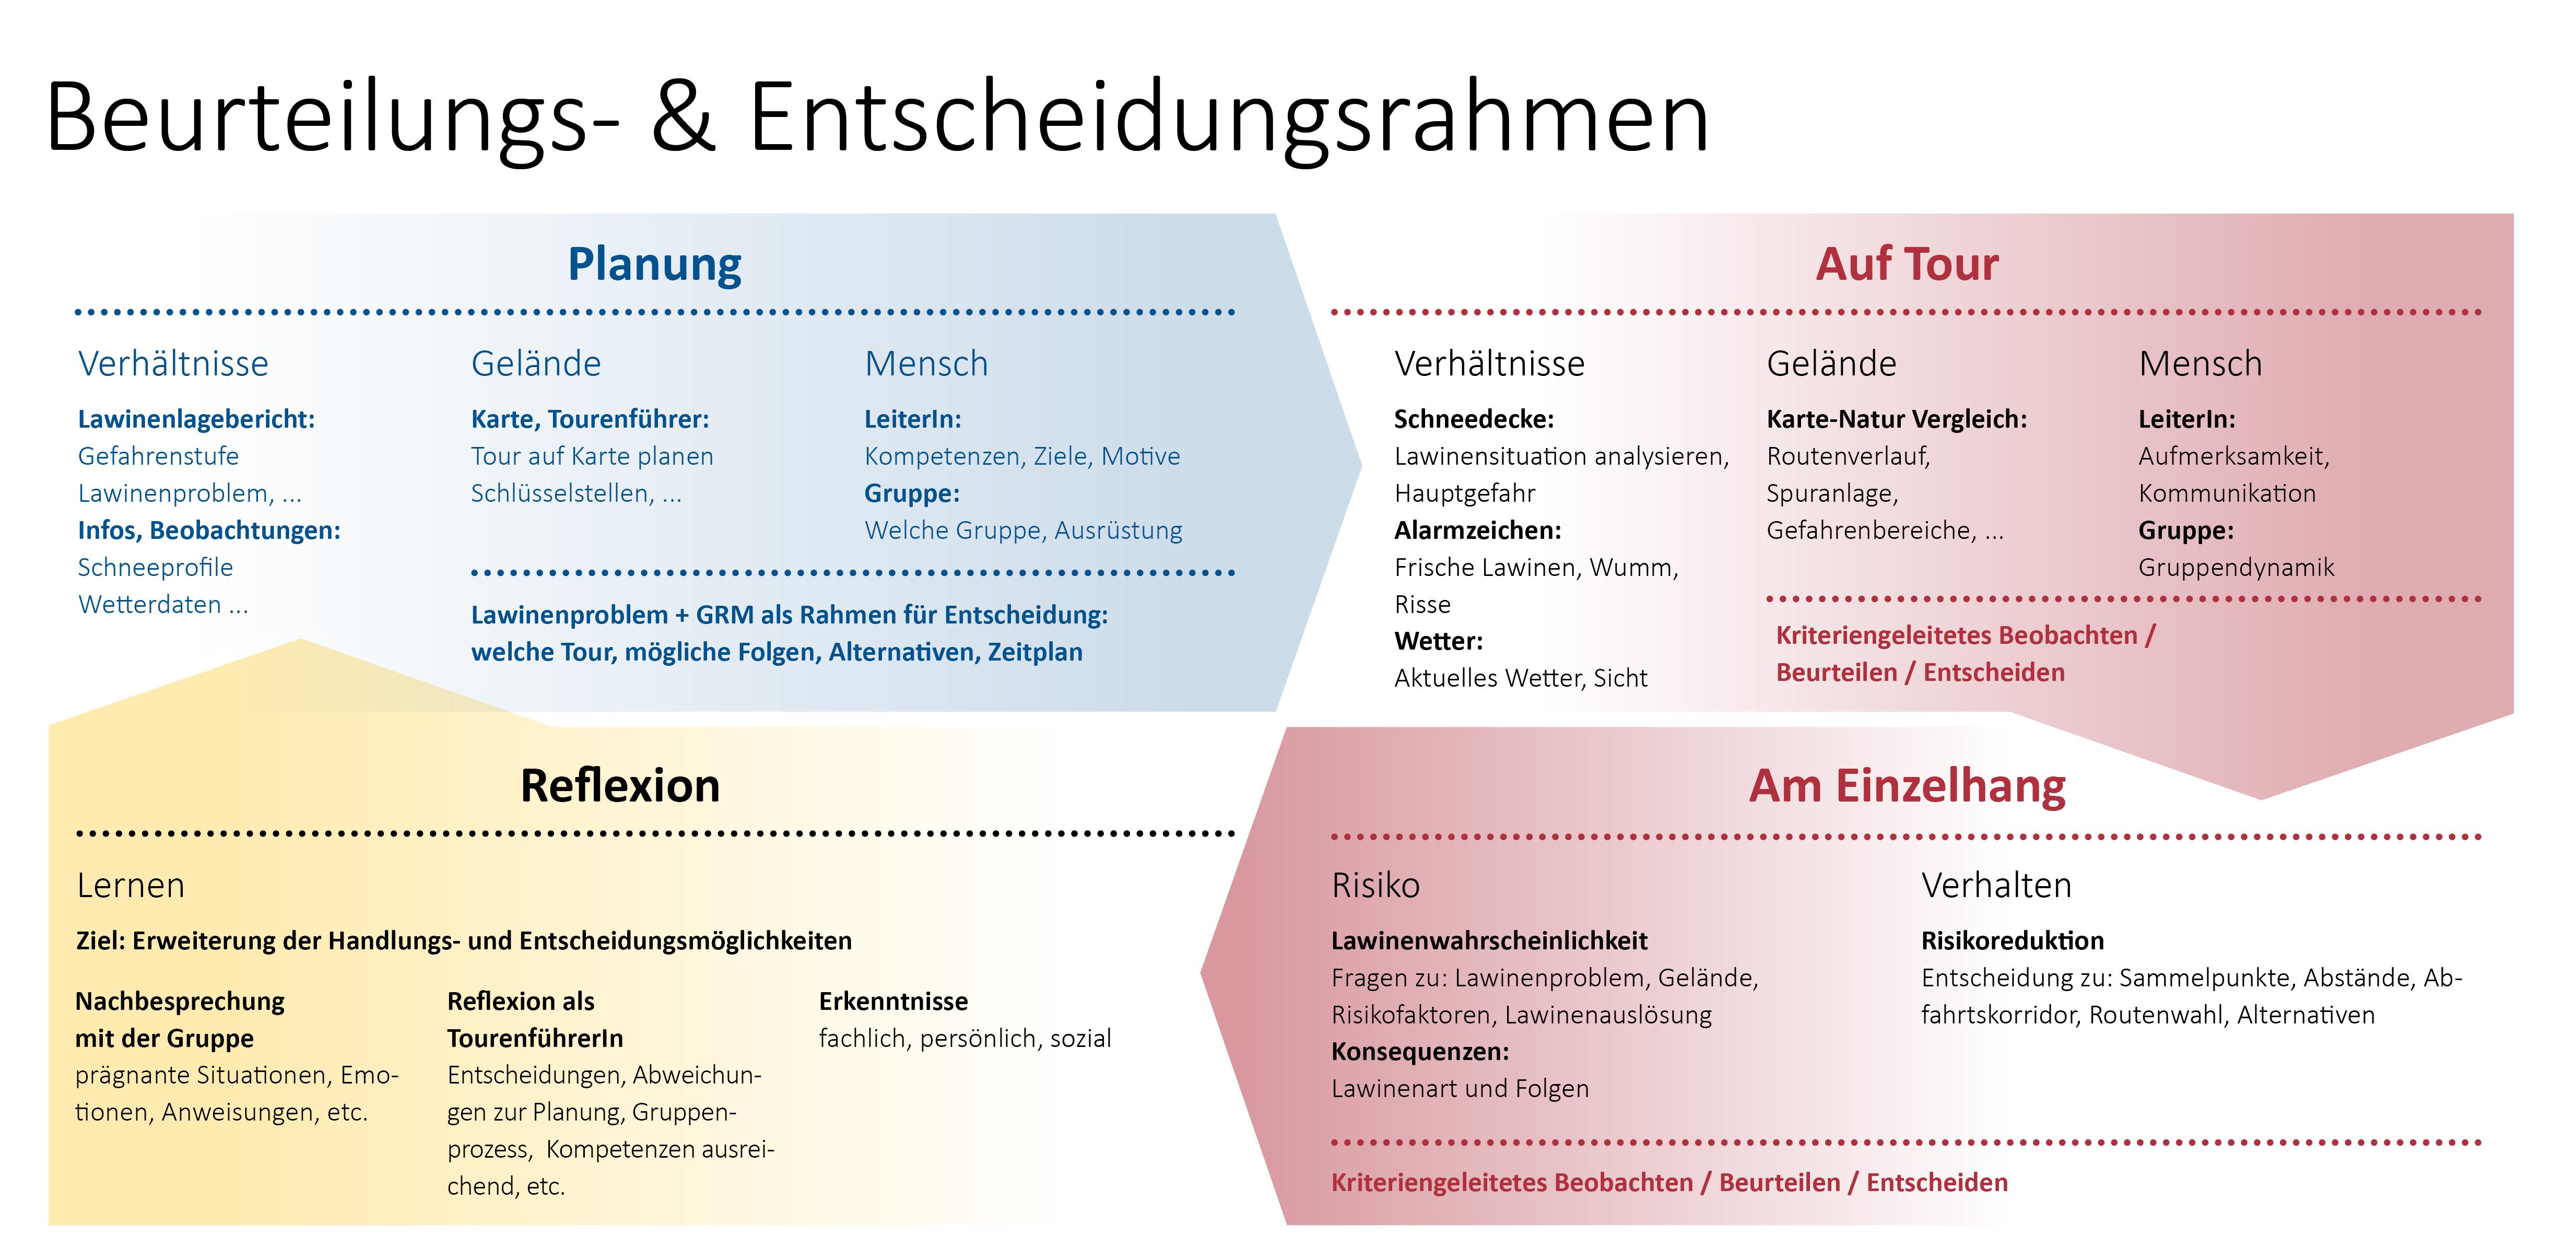 """Abb. 1 Beurteilungs- und Entscheidungsrahmen aus Foliensatz """"Integrative Lawinenkunde""""."""